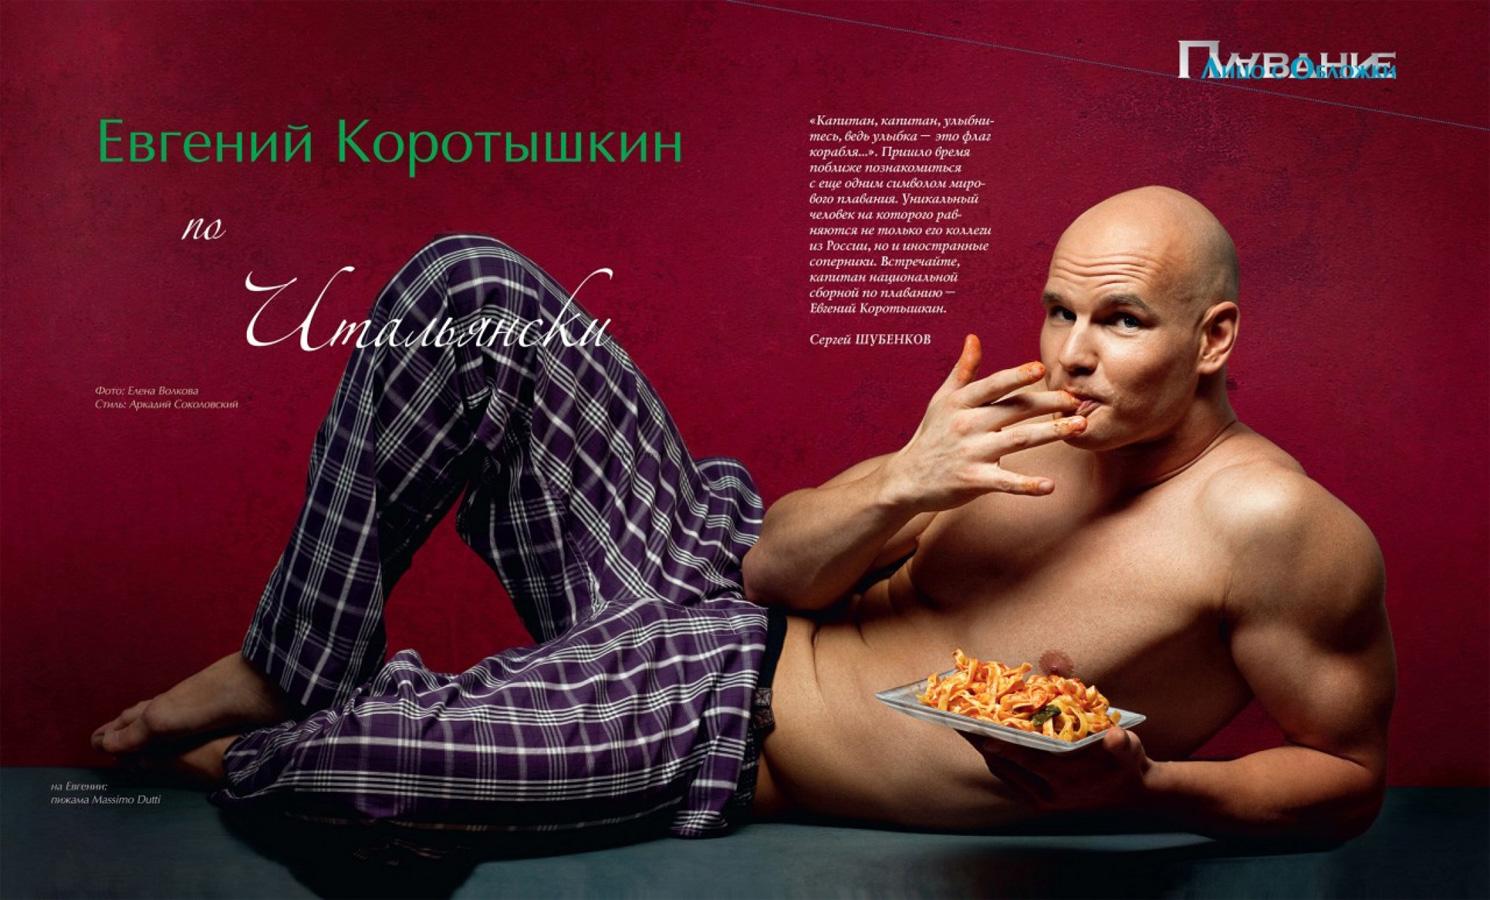 Oblogka. Съемки для журнала «Плавание», фотограф Лена Волкова